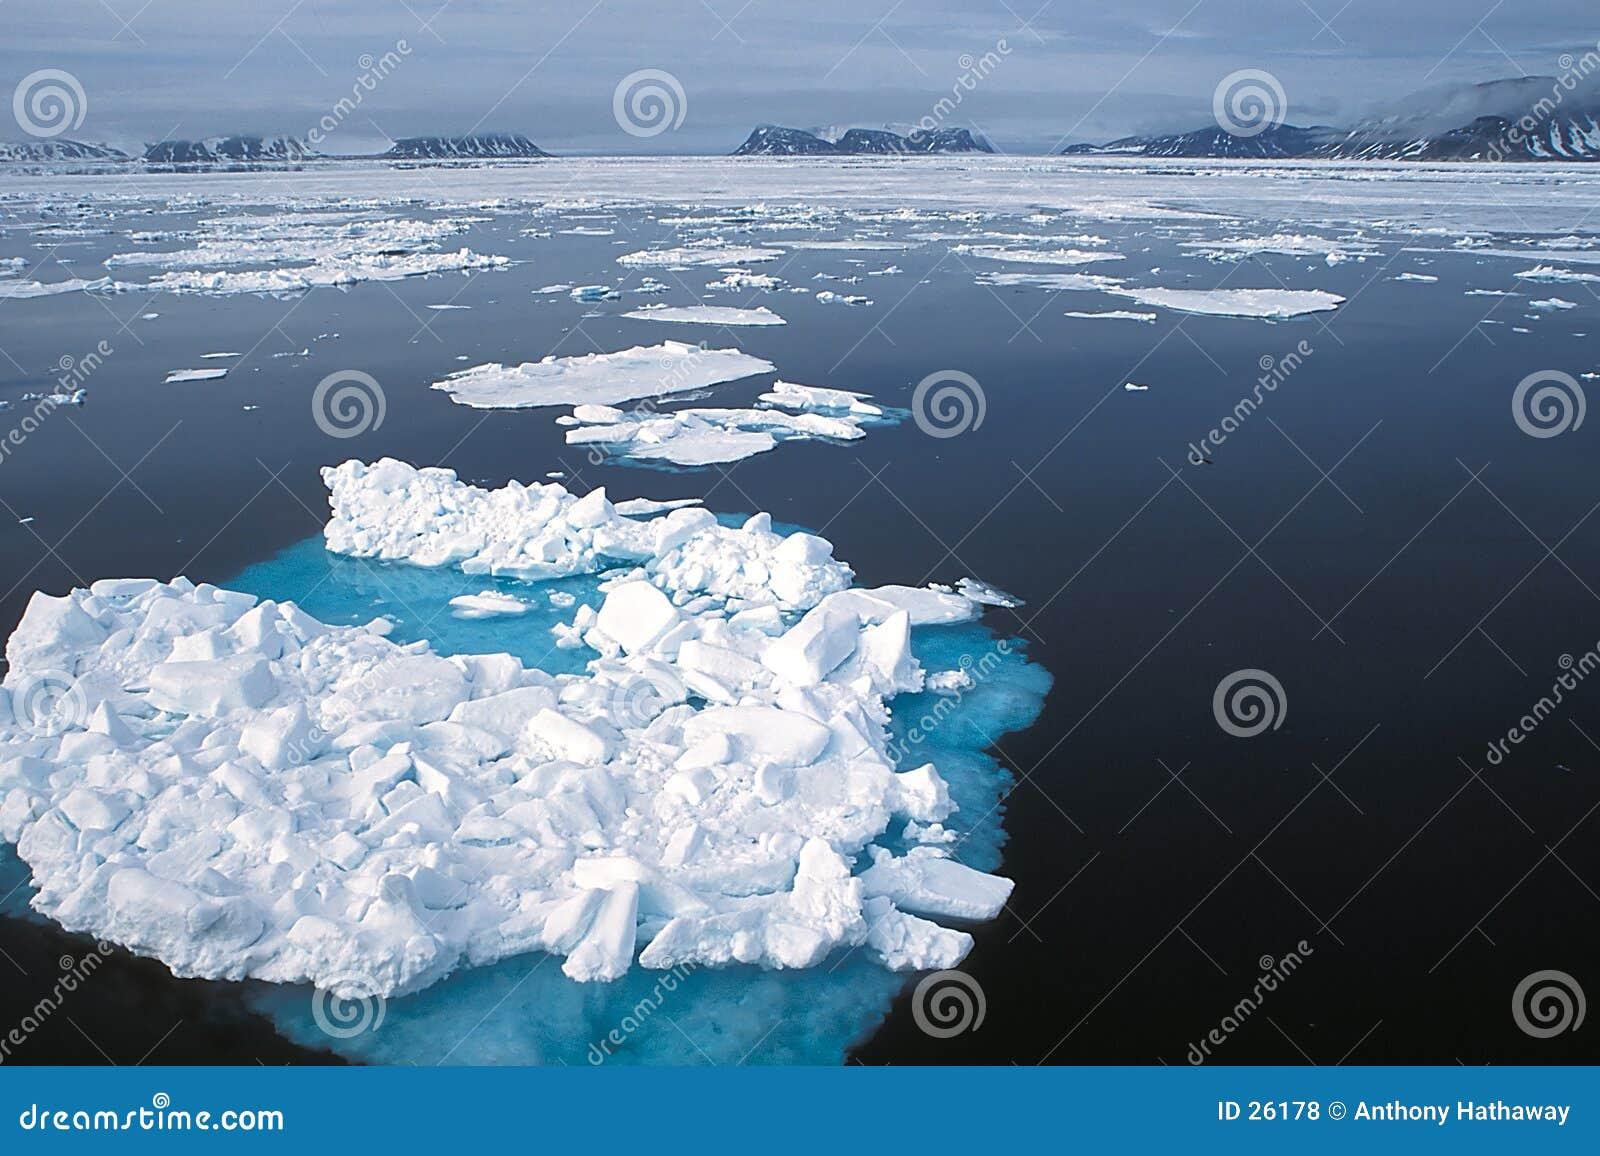 Download Hielo azul foto de archivo. Imagen de escénico, hielo, azul - 26178